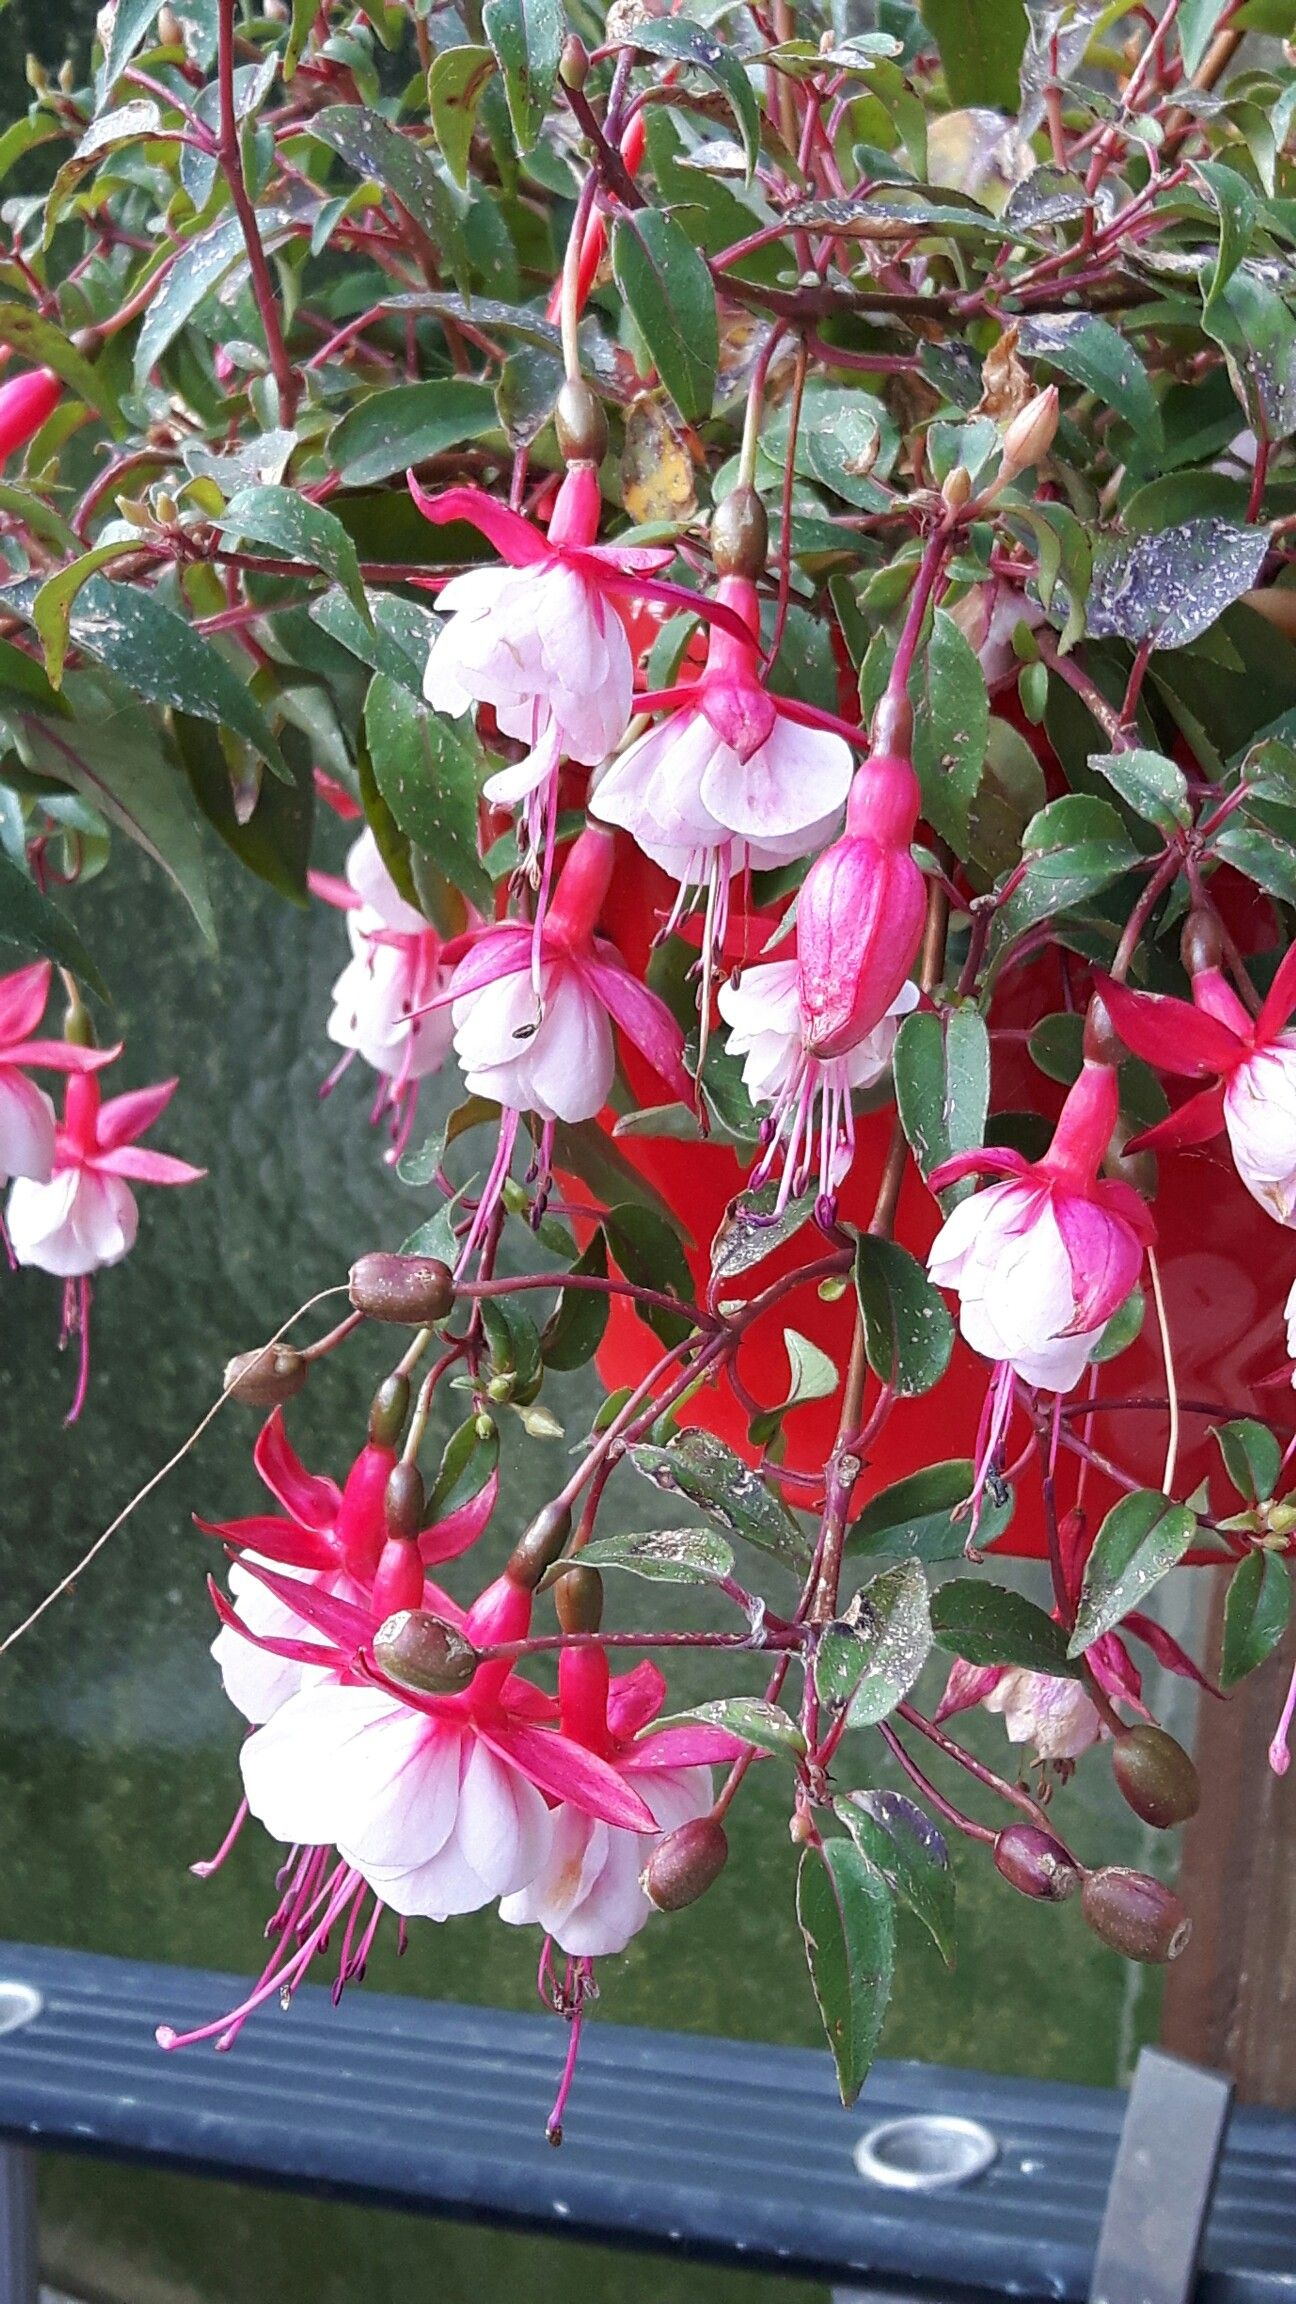 Fuchsia at my garden 31/5/16